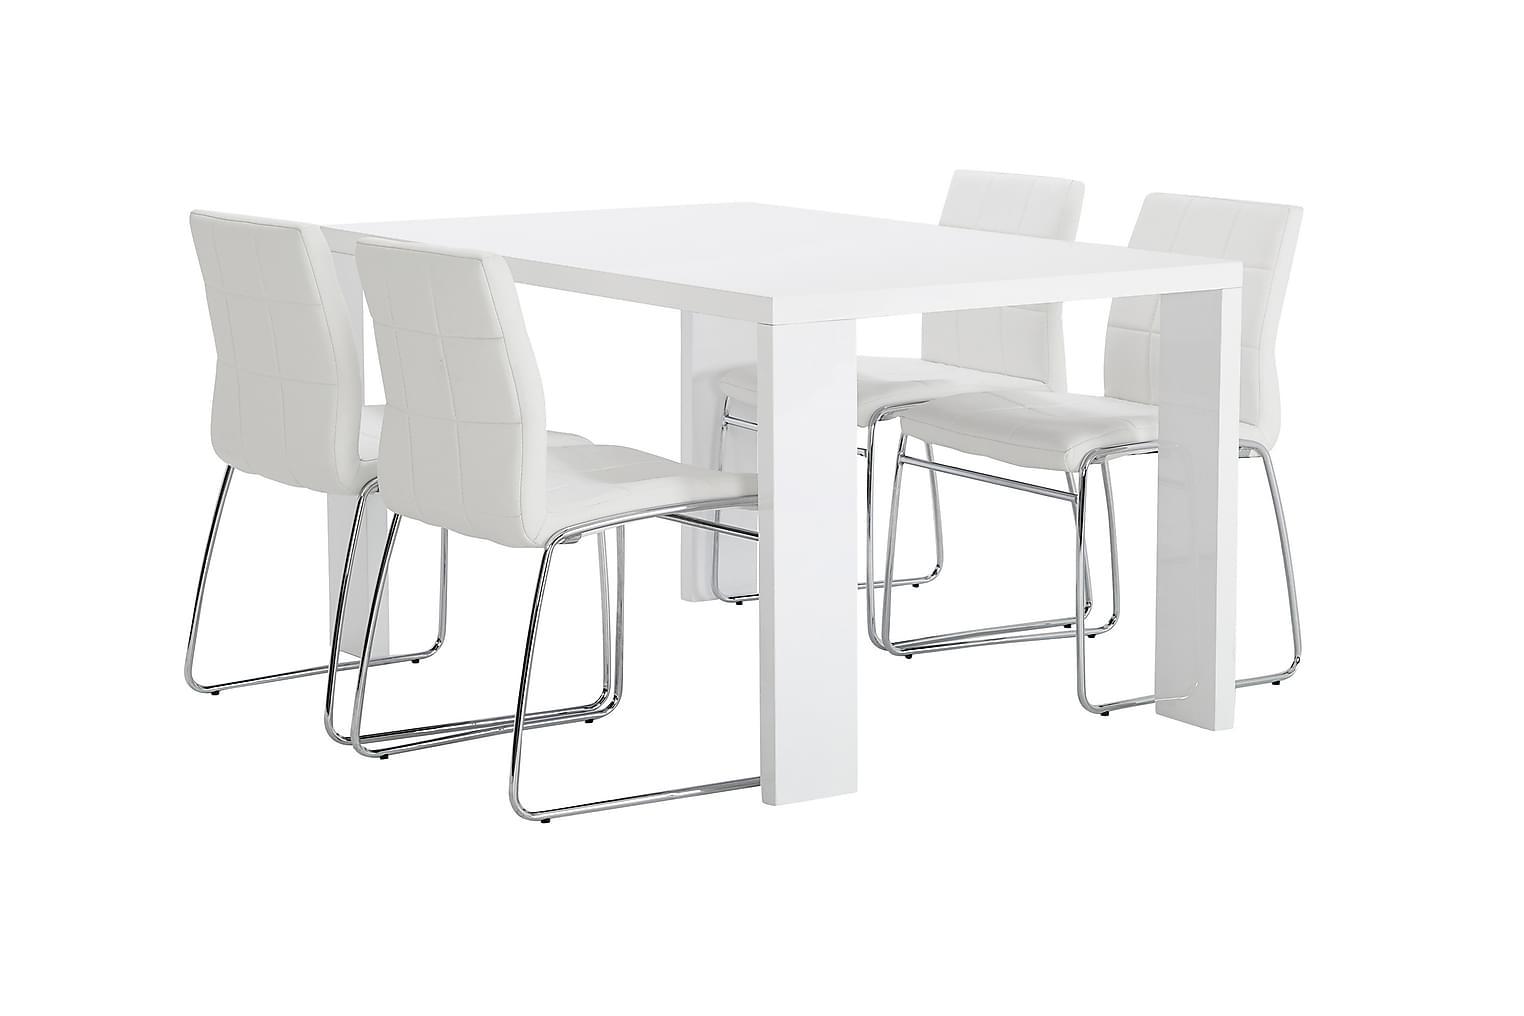 RÖNNE Pöytä 140 Valkoinen + 4 VISKAN Tuolia Valkoinen